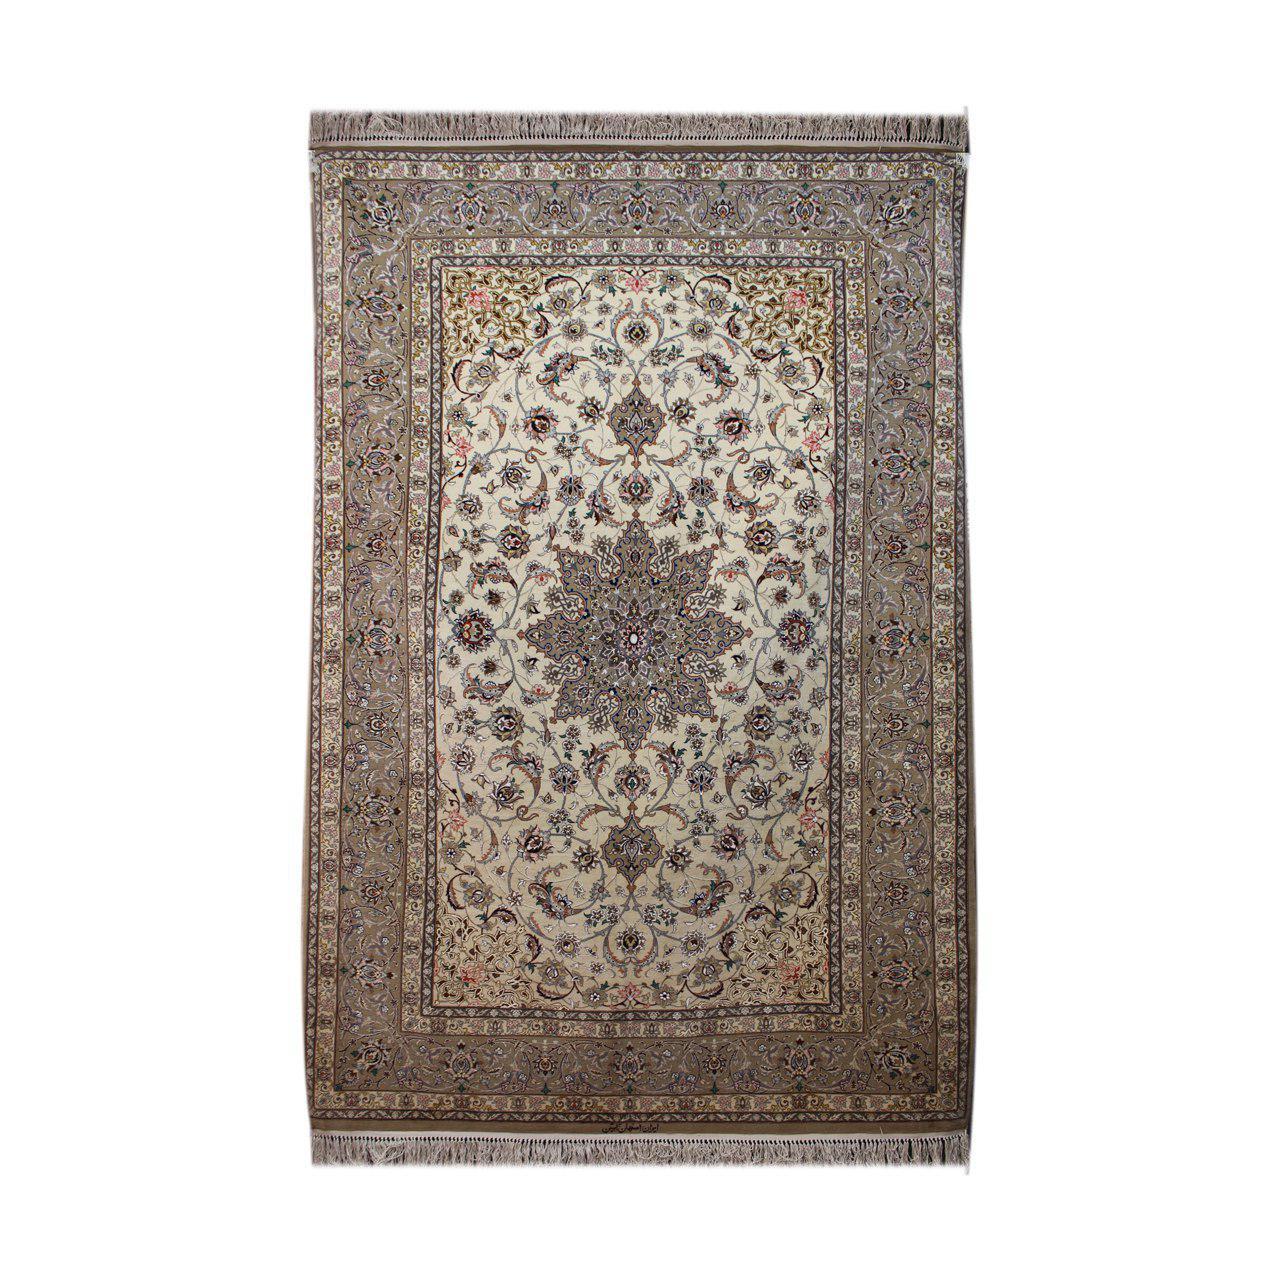 فرش دستبافت اصفهان ابتین سه متری کد 1104430